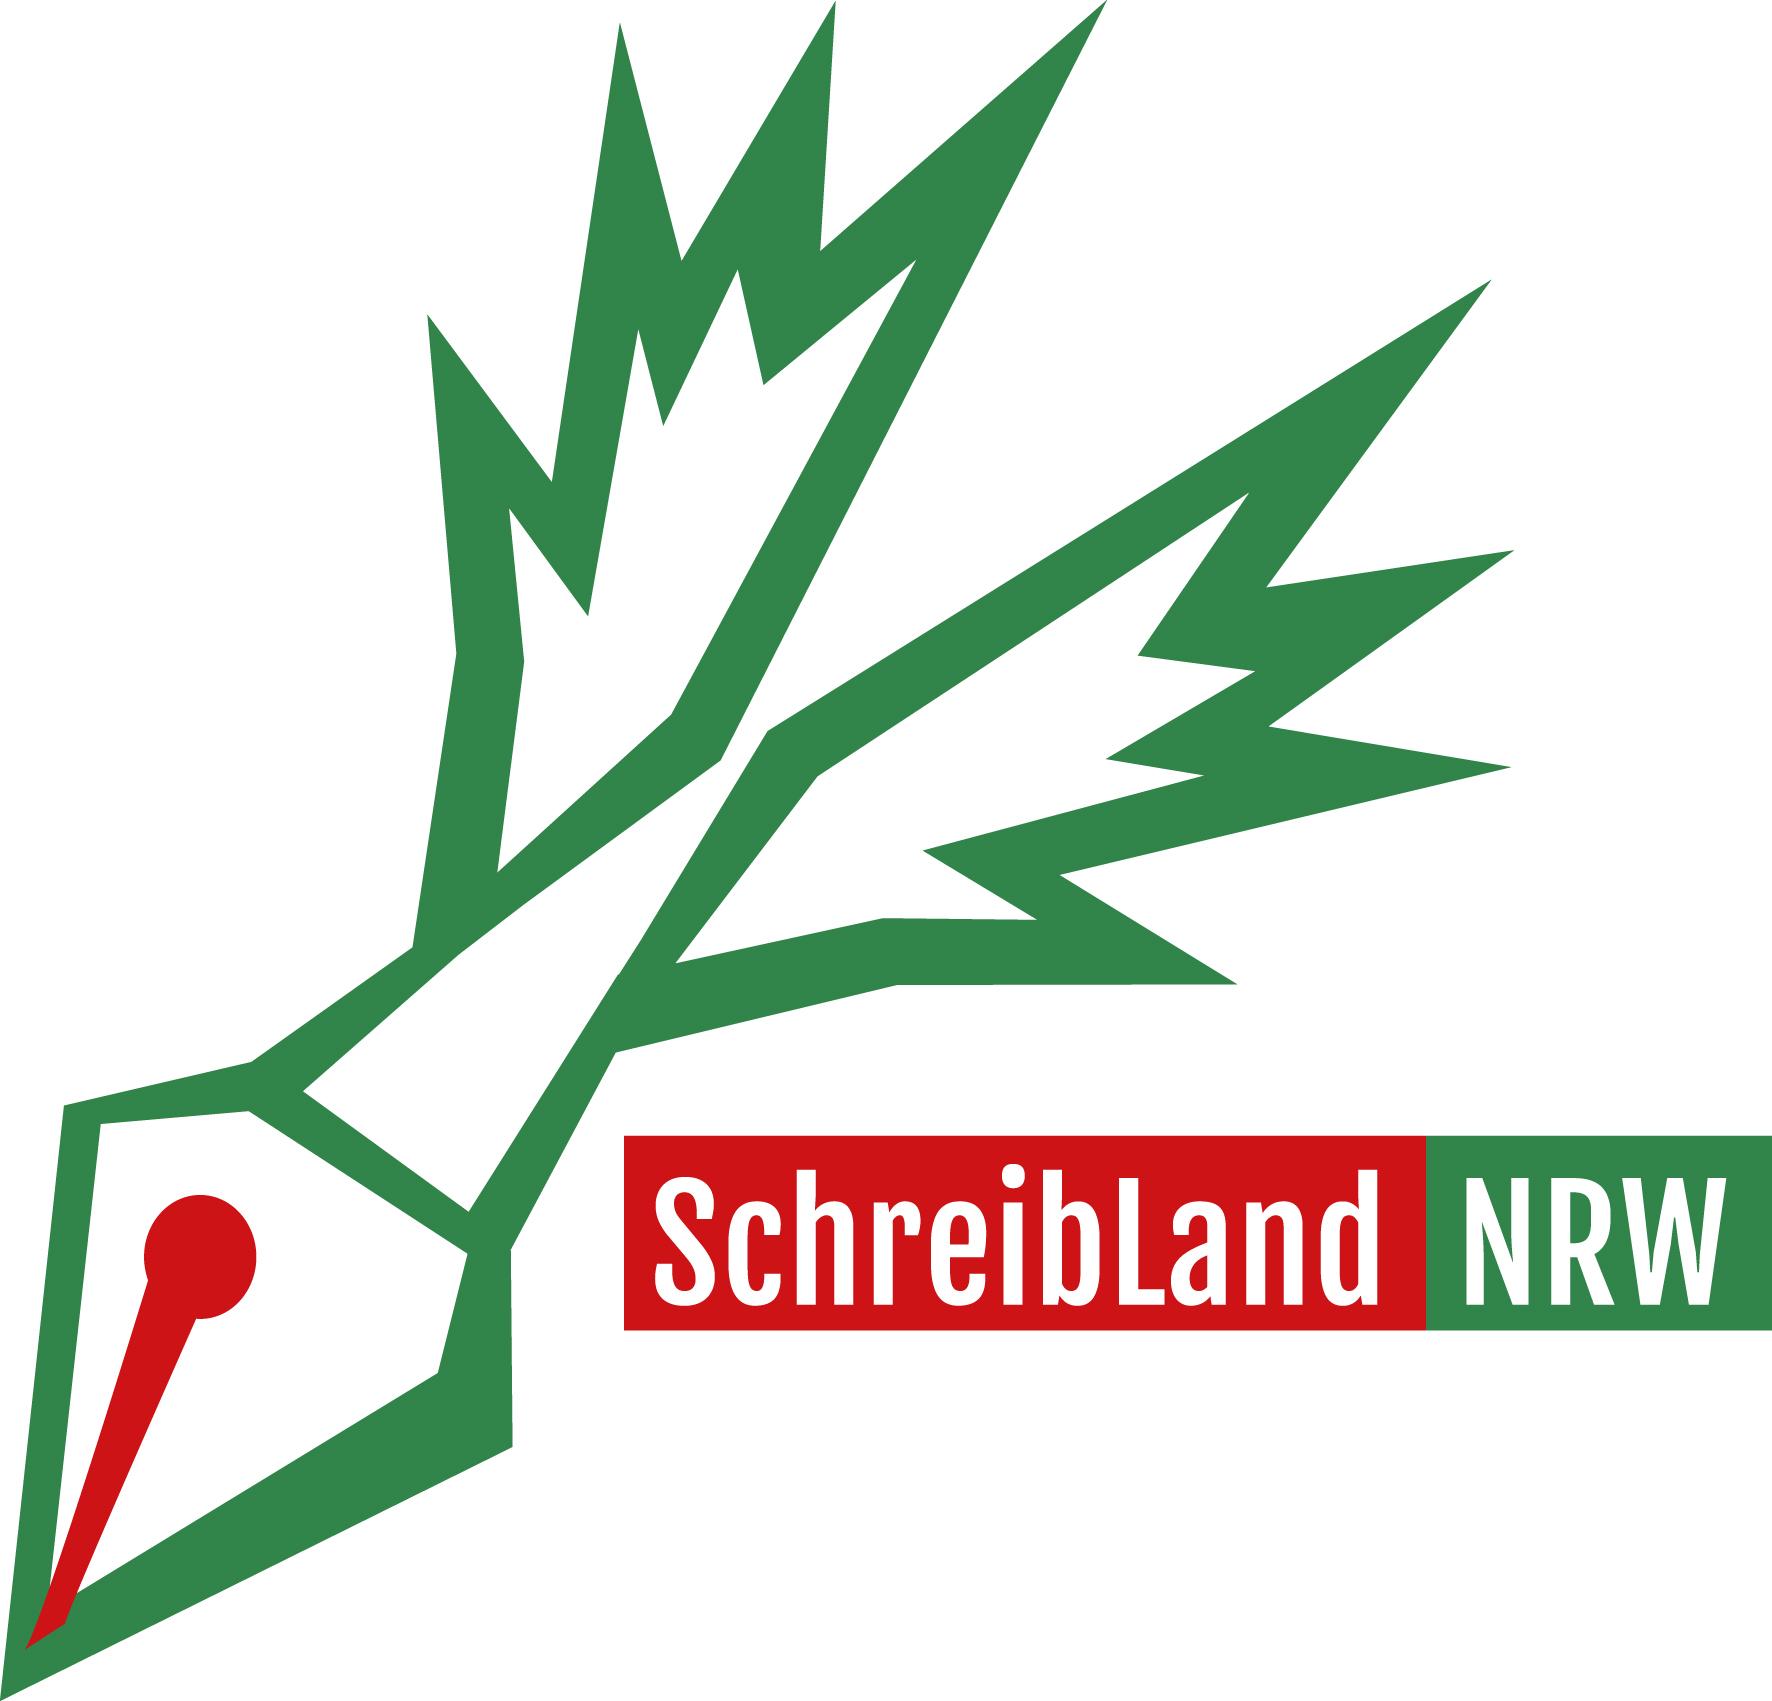 SchreibLand NRW/2020_Logo_farbanpassung_png.png